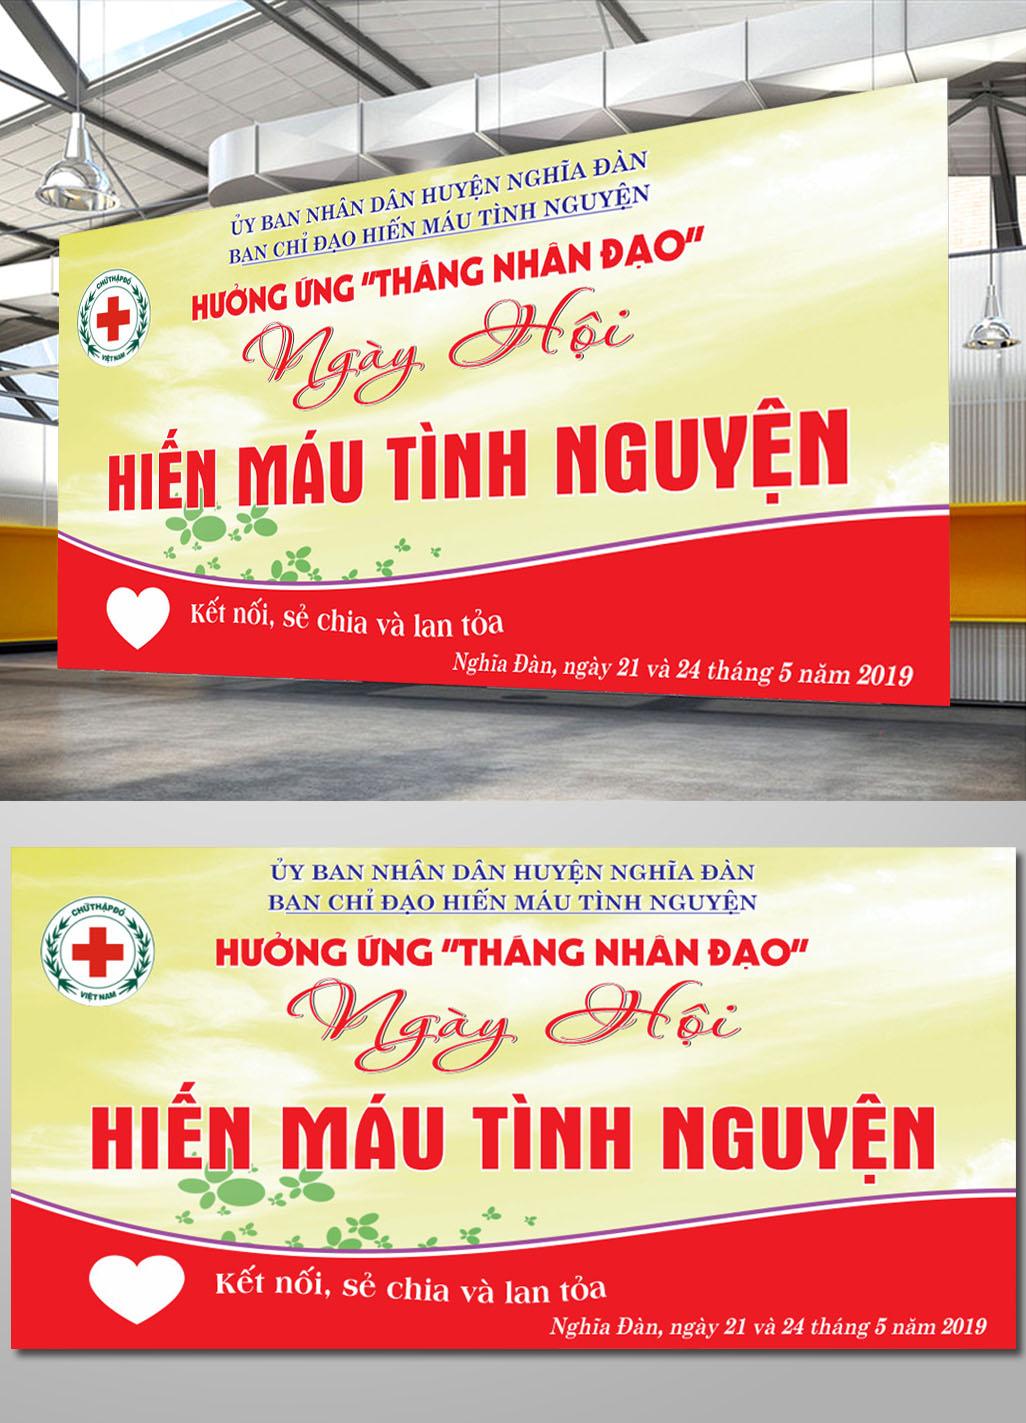 Pano hiến máu tình nguyện file corel